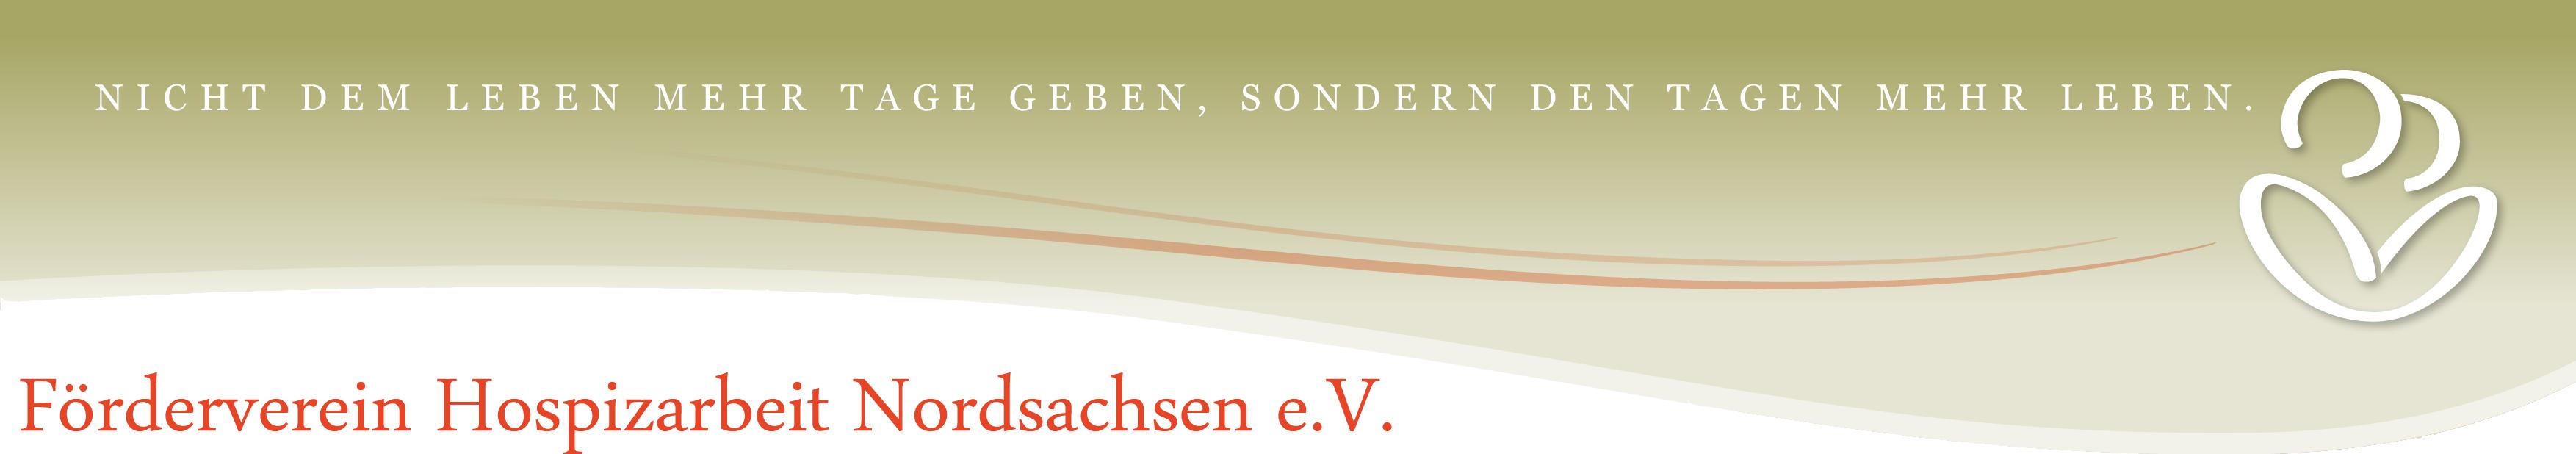 Förderverein Hospizarbeit Nordsachsen e.V.